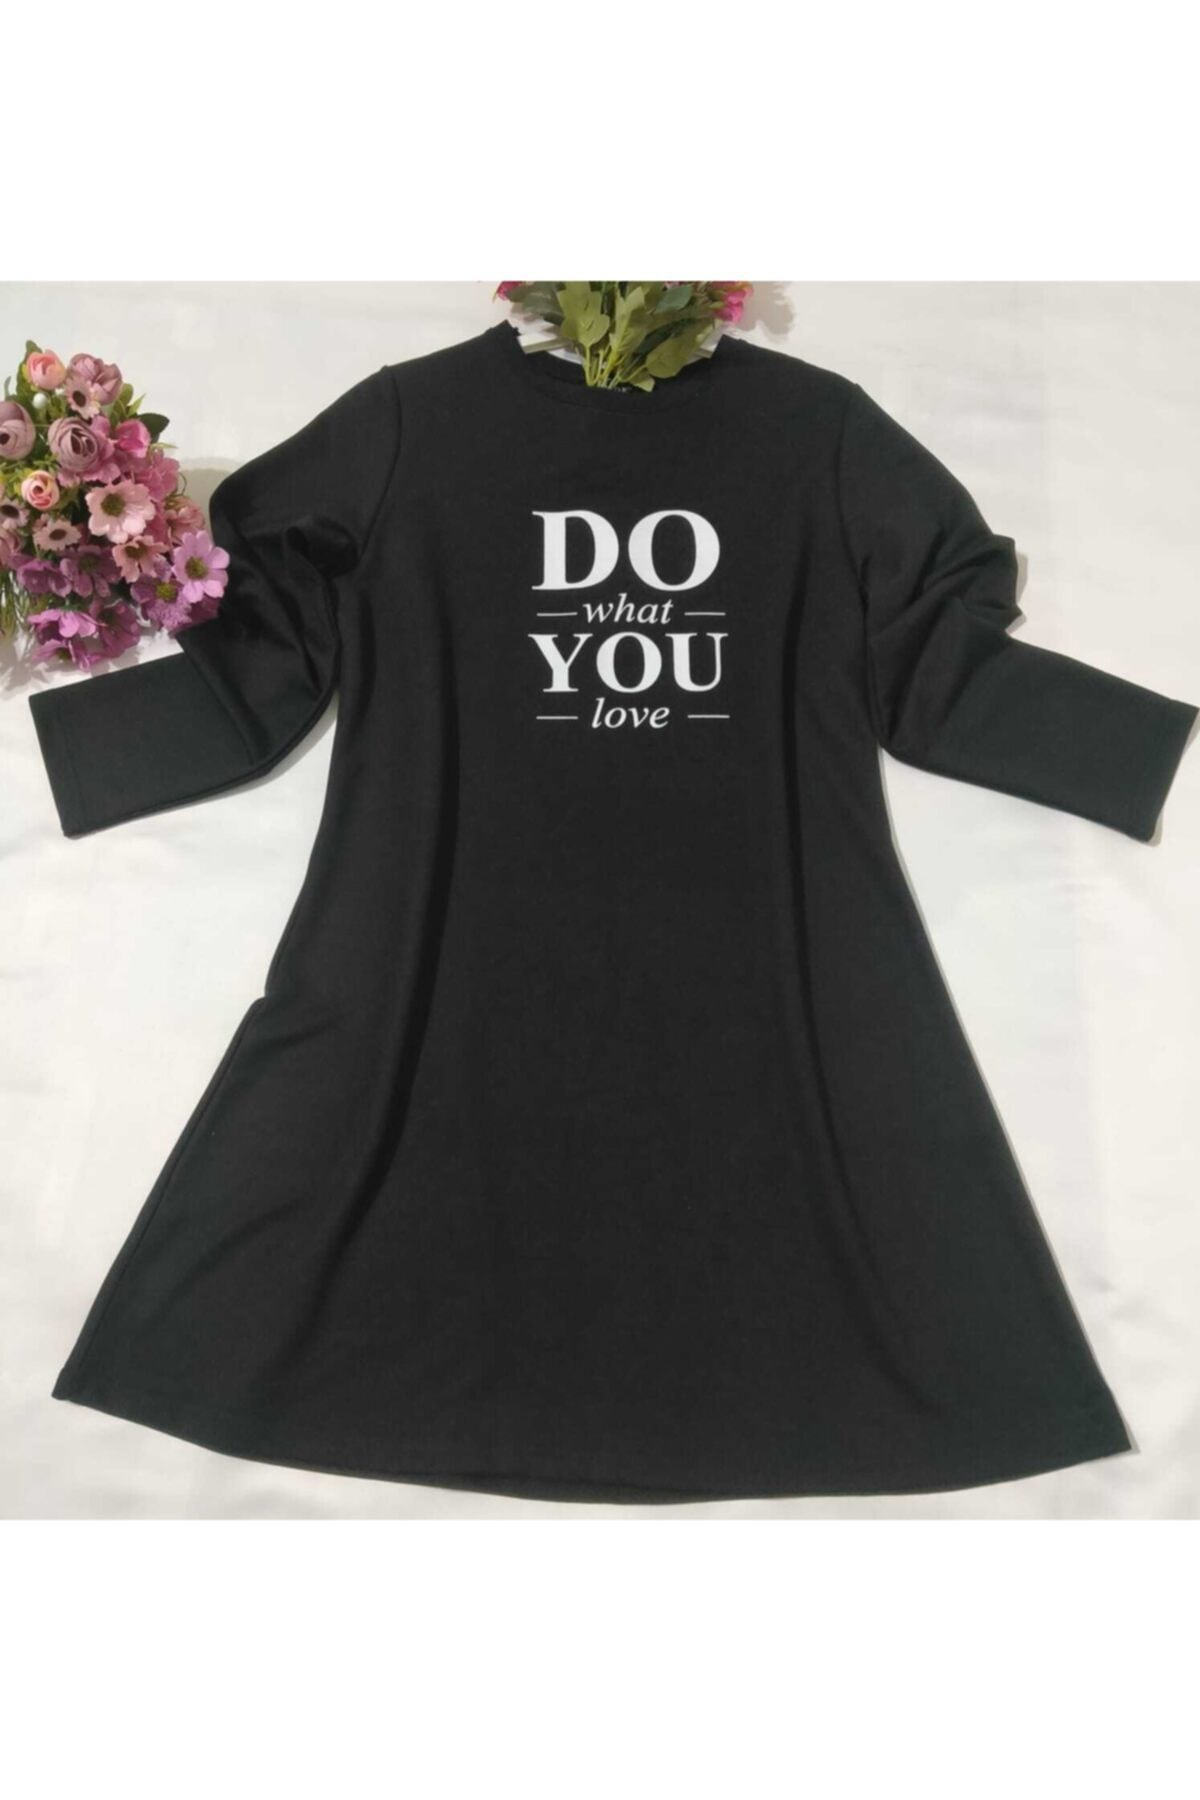 MİSS MODA Kadın Siyah Dou You Baskılı Iki Ip Sweatshirt 1